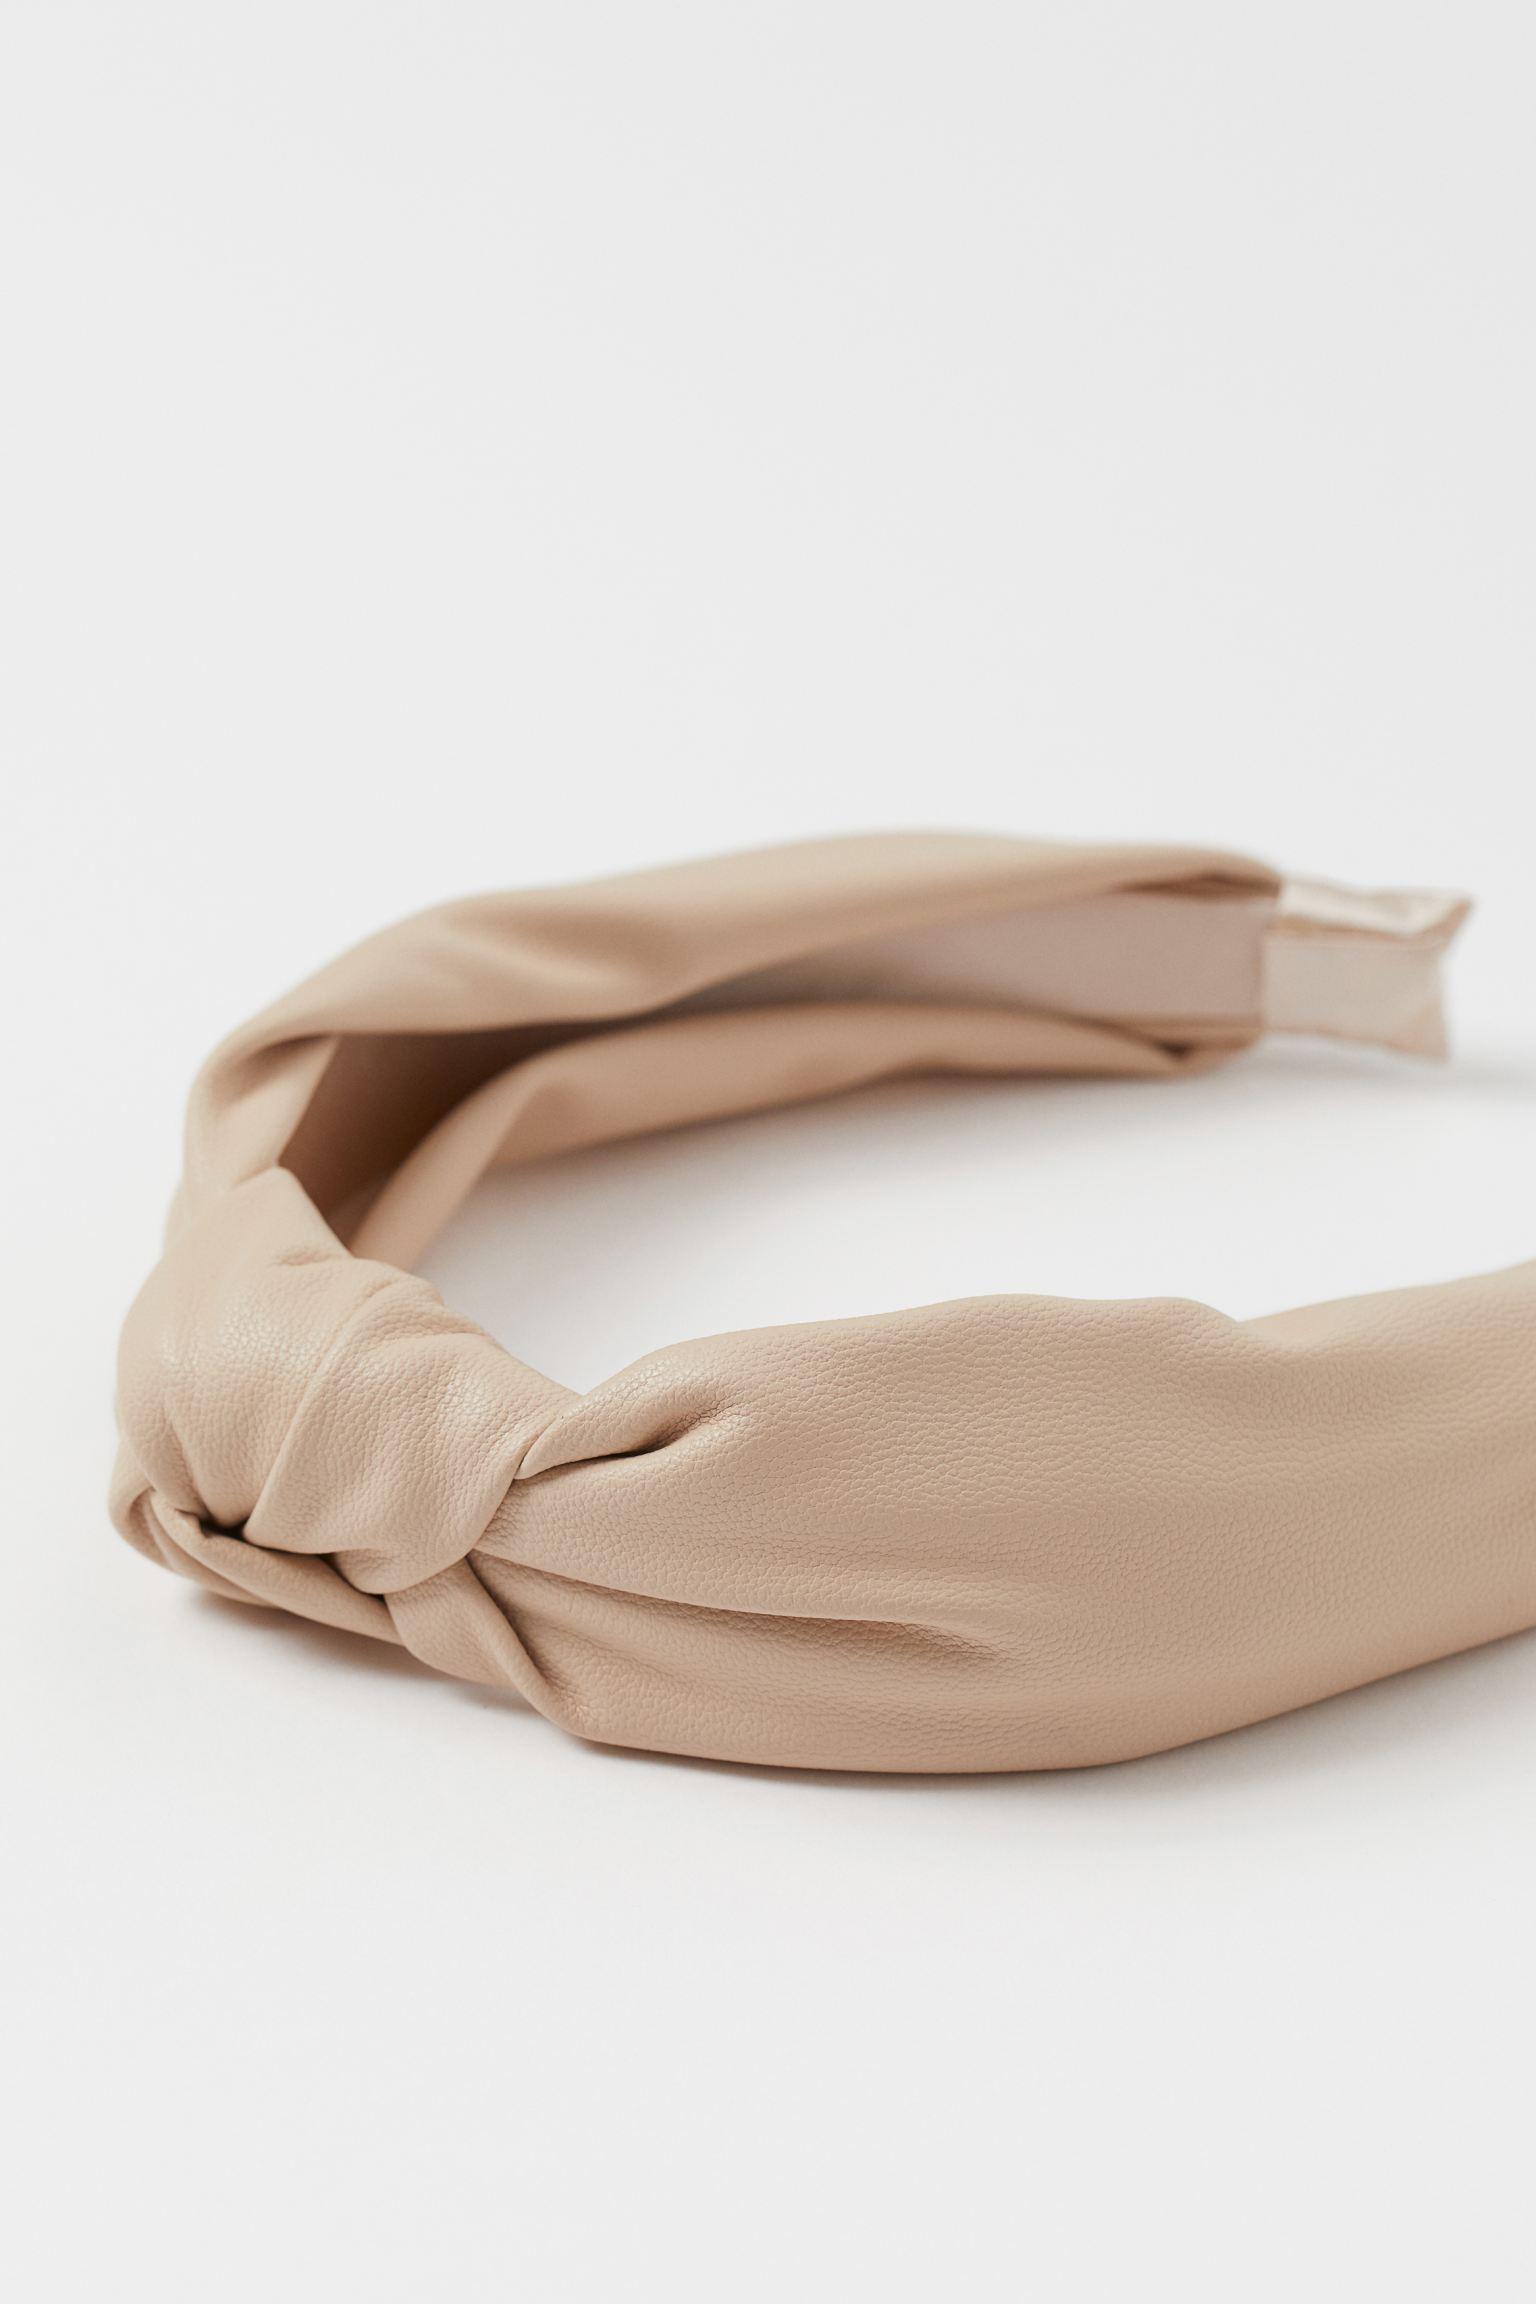 Diadema de piel sintética en nude con nudo